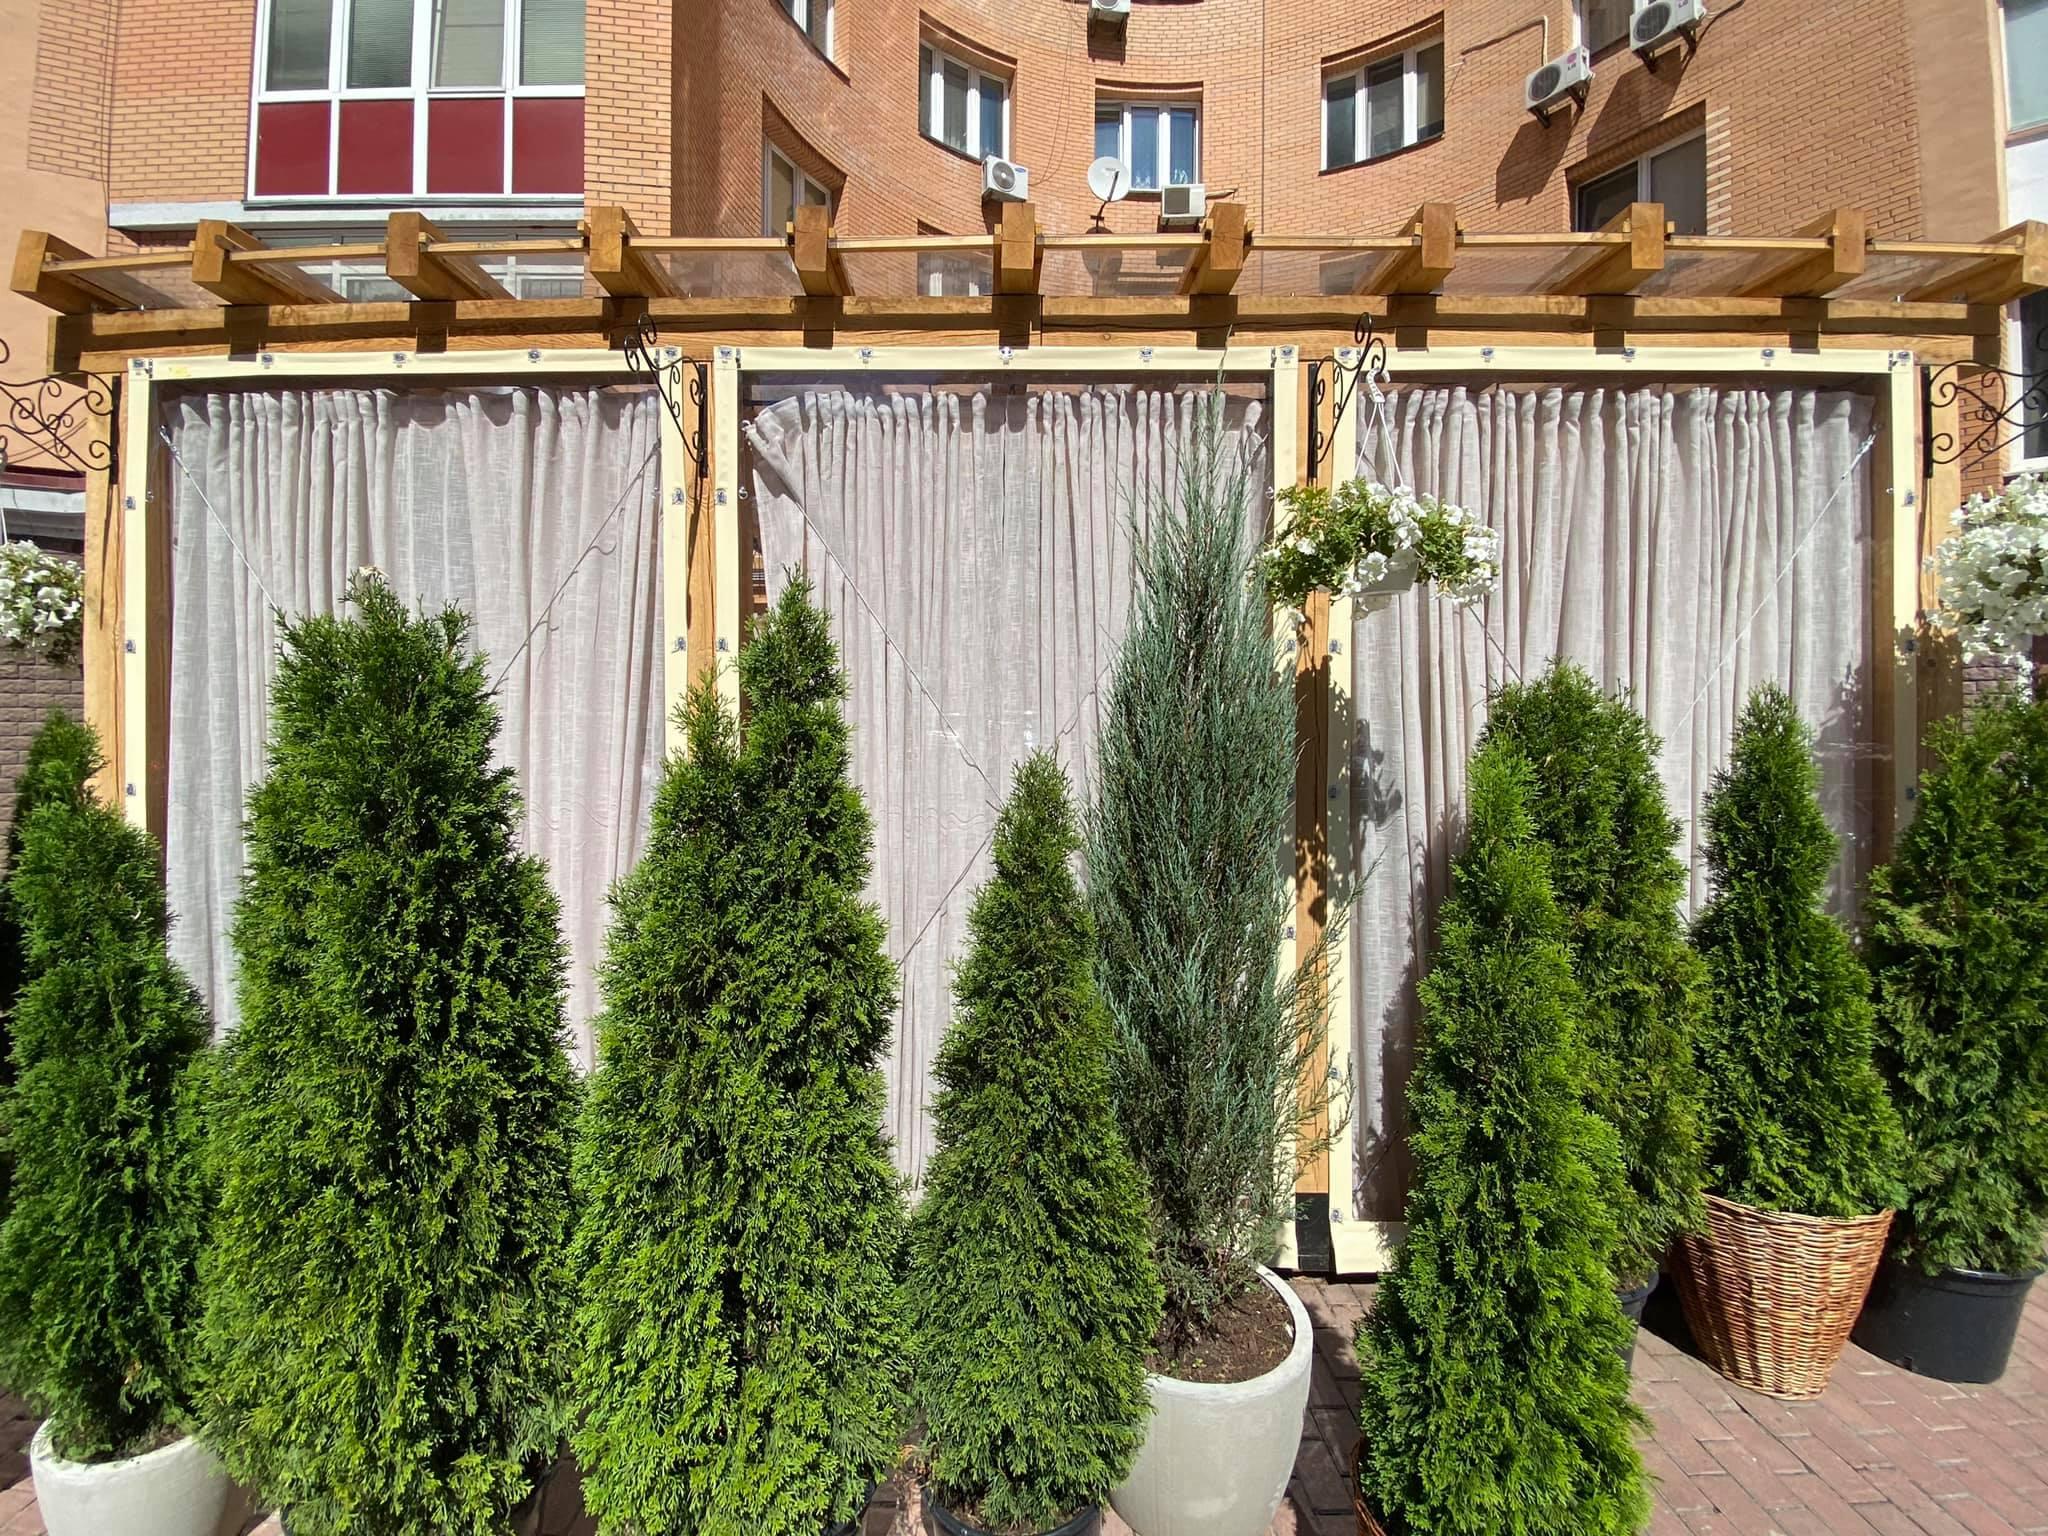 ПВХ шторы на деревянную летнюю площадку ресторана Ristorante 8/8 (Парк Наталка, Оболонь, Киев)